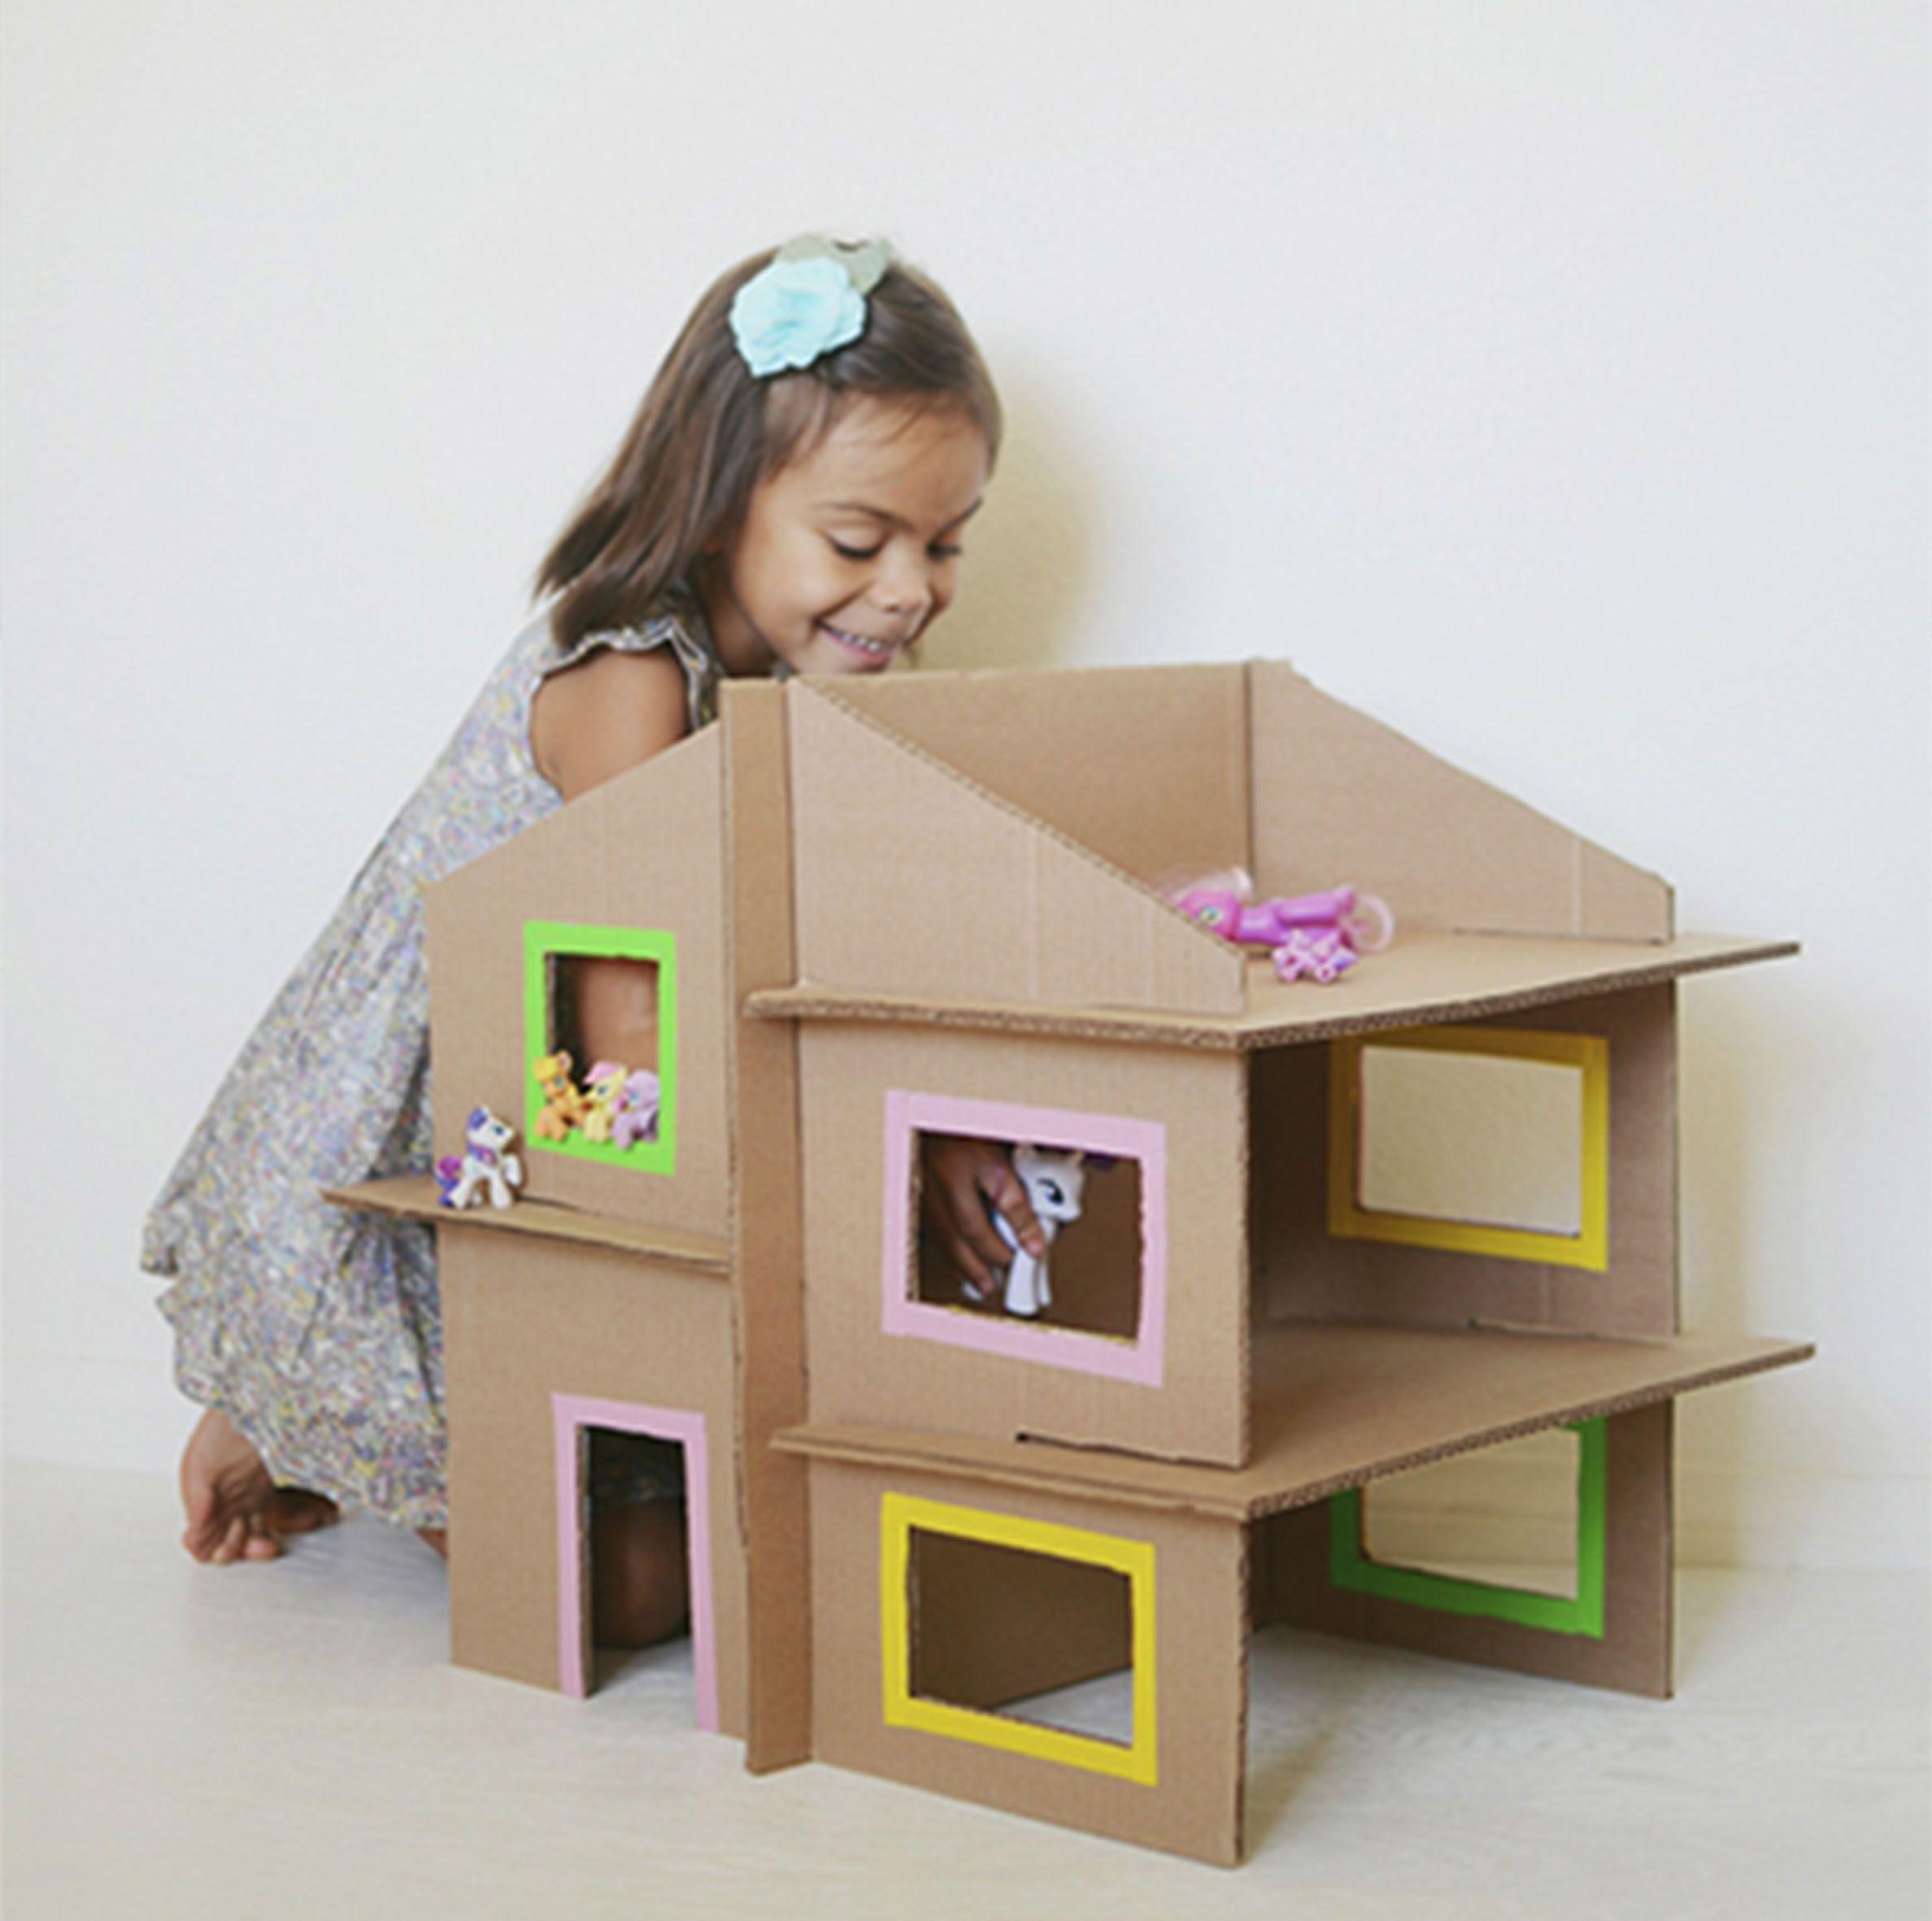 Juguetes de cartón DIY (con imágenes) | Juguetes de cartón